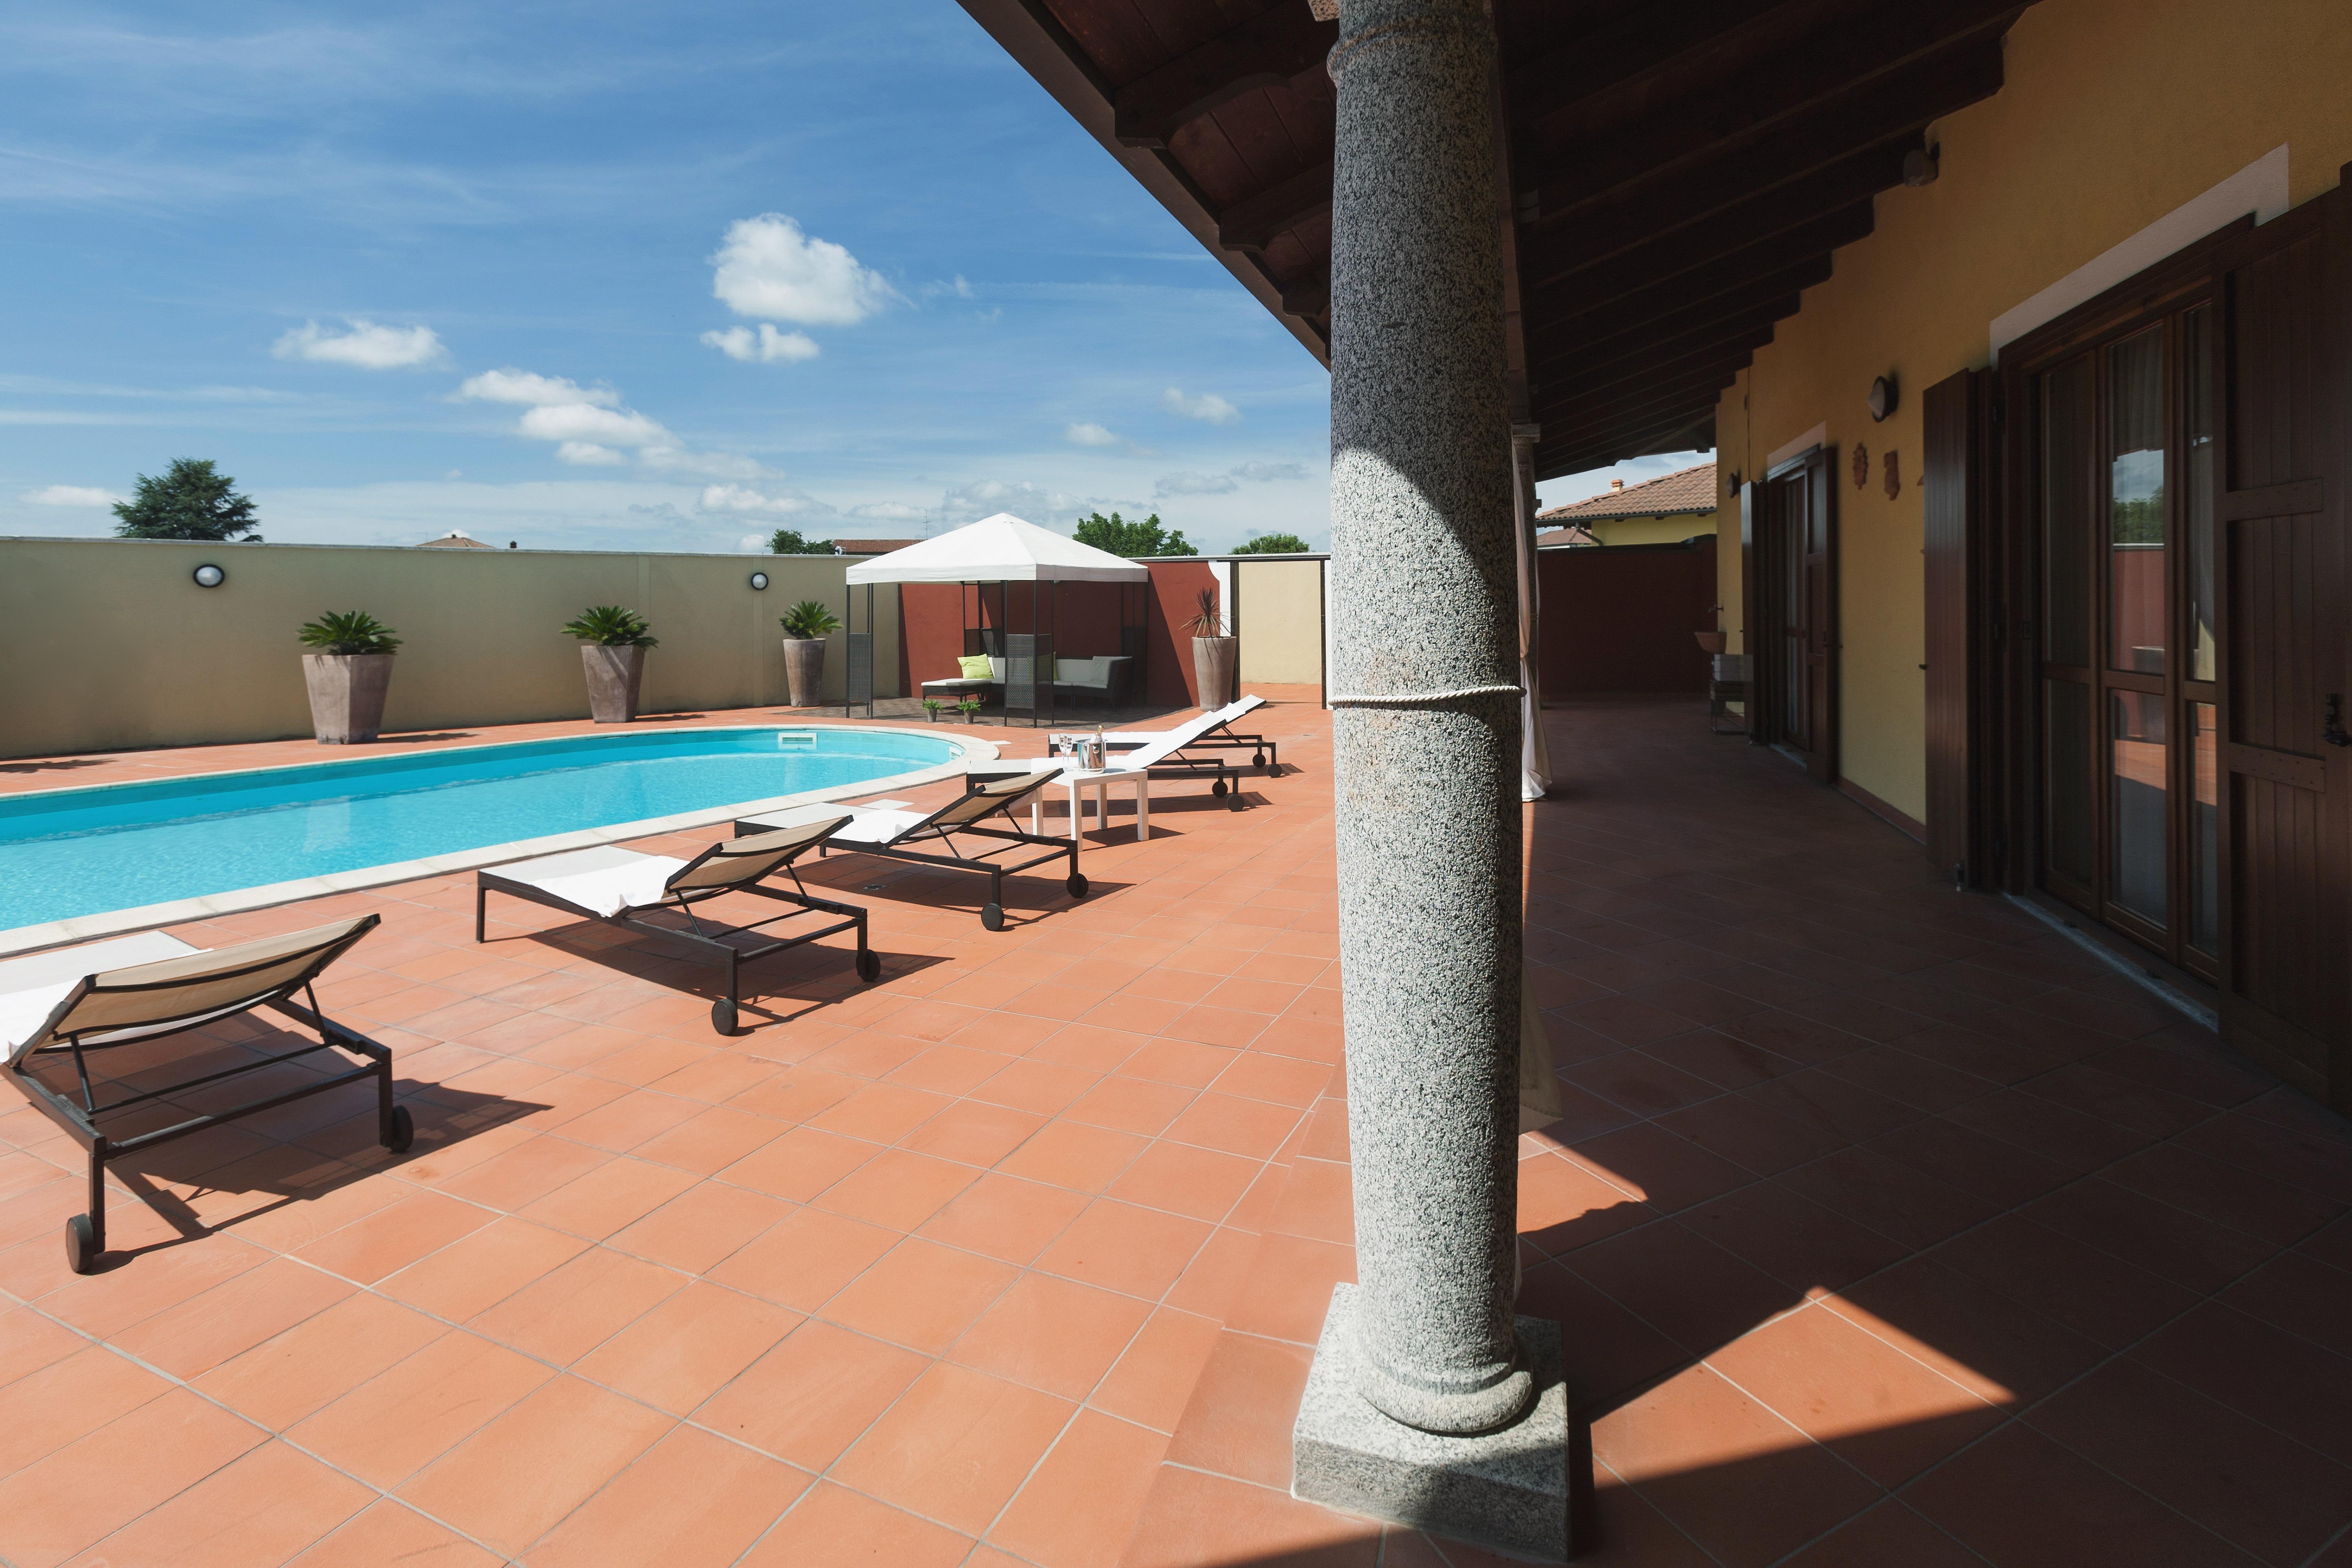 Ferienhaus Villa Cometa - Lebende Mode - (2599033), Casaleggio Novara, Novara, Piemont, Italien, Bild 7